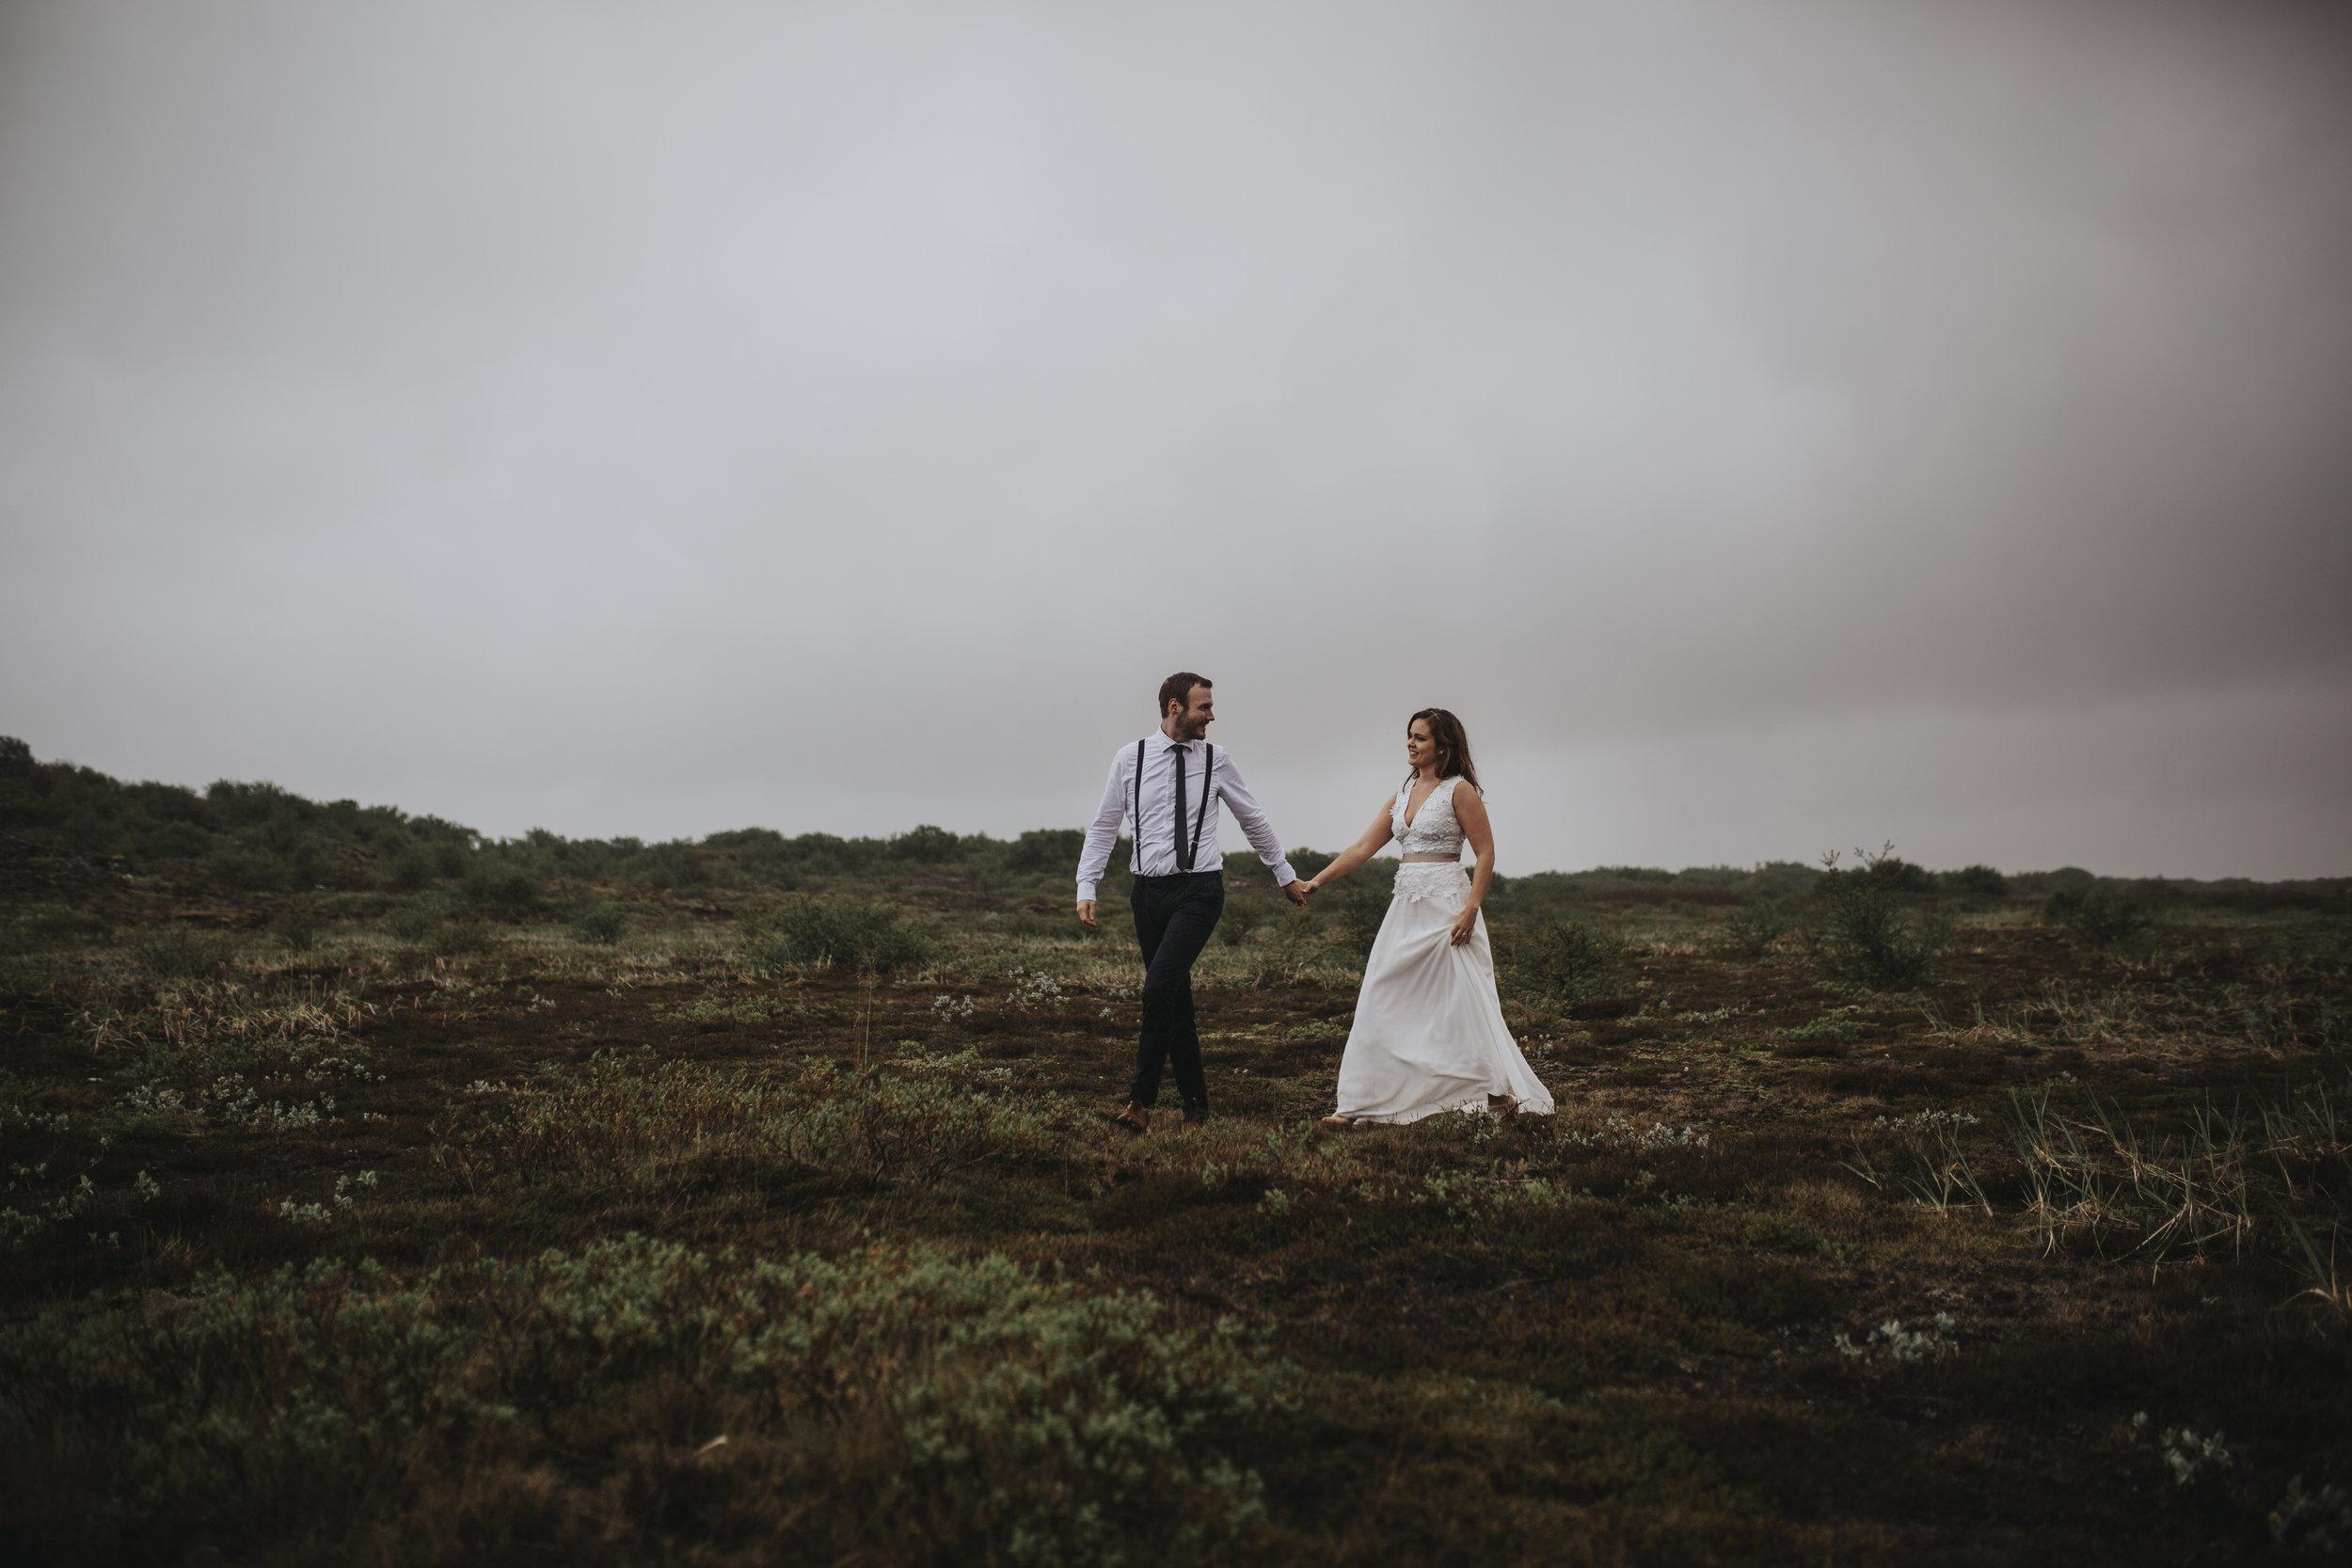 bröllopsfotografstockholm_fotografannaejemo-27.jpg